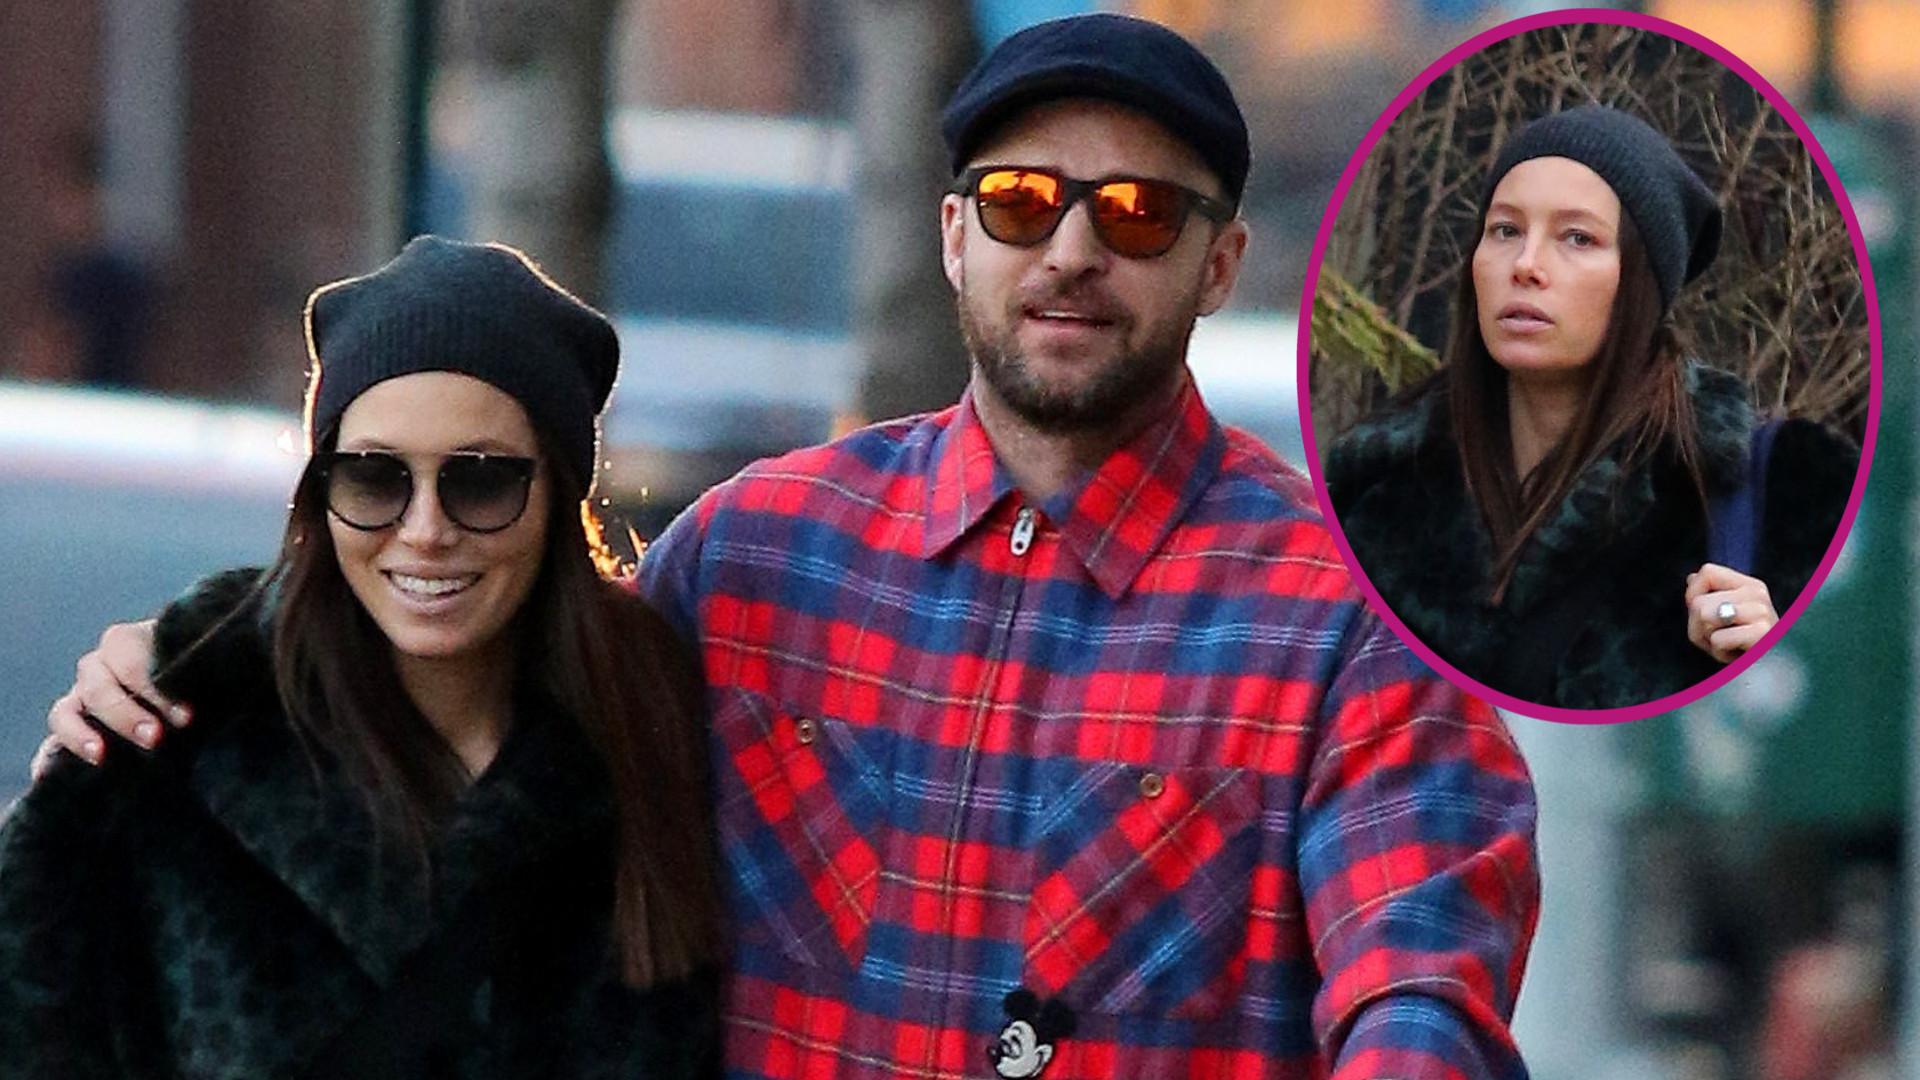 Jessica Biel i Justin Timberlake demonstrują swoją MIŁOŚĆ, gdy nagle… (ZDJĘCIA)